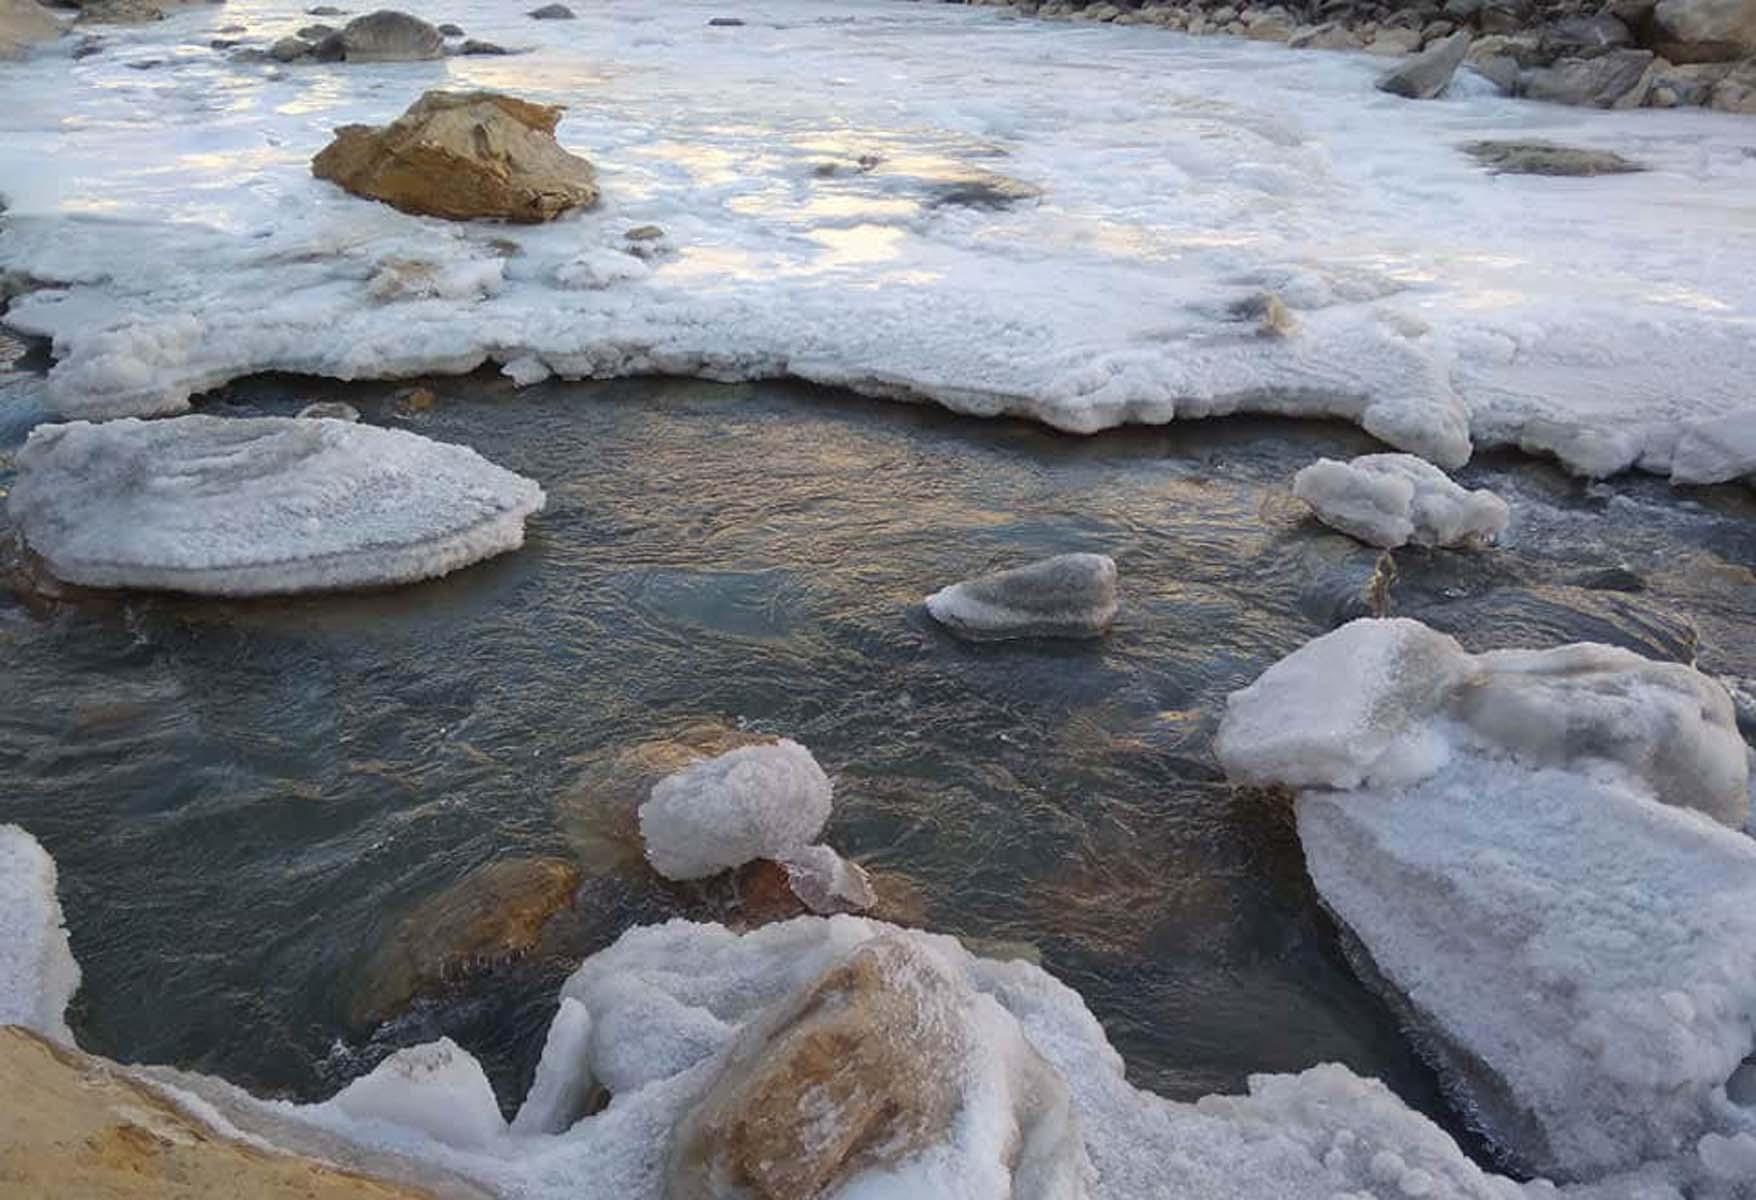 नेपाल–चीनसँगको सिमाना क्षेत्र हल्साको कर्णाली नदीमा जम्न थाल्यो बरफ